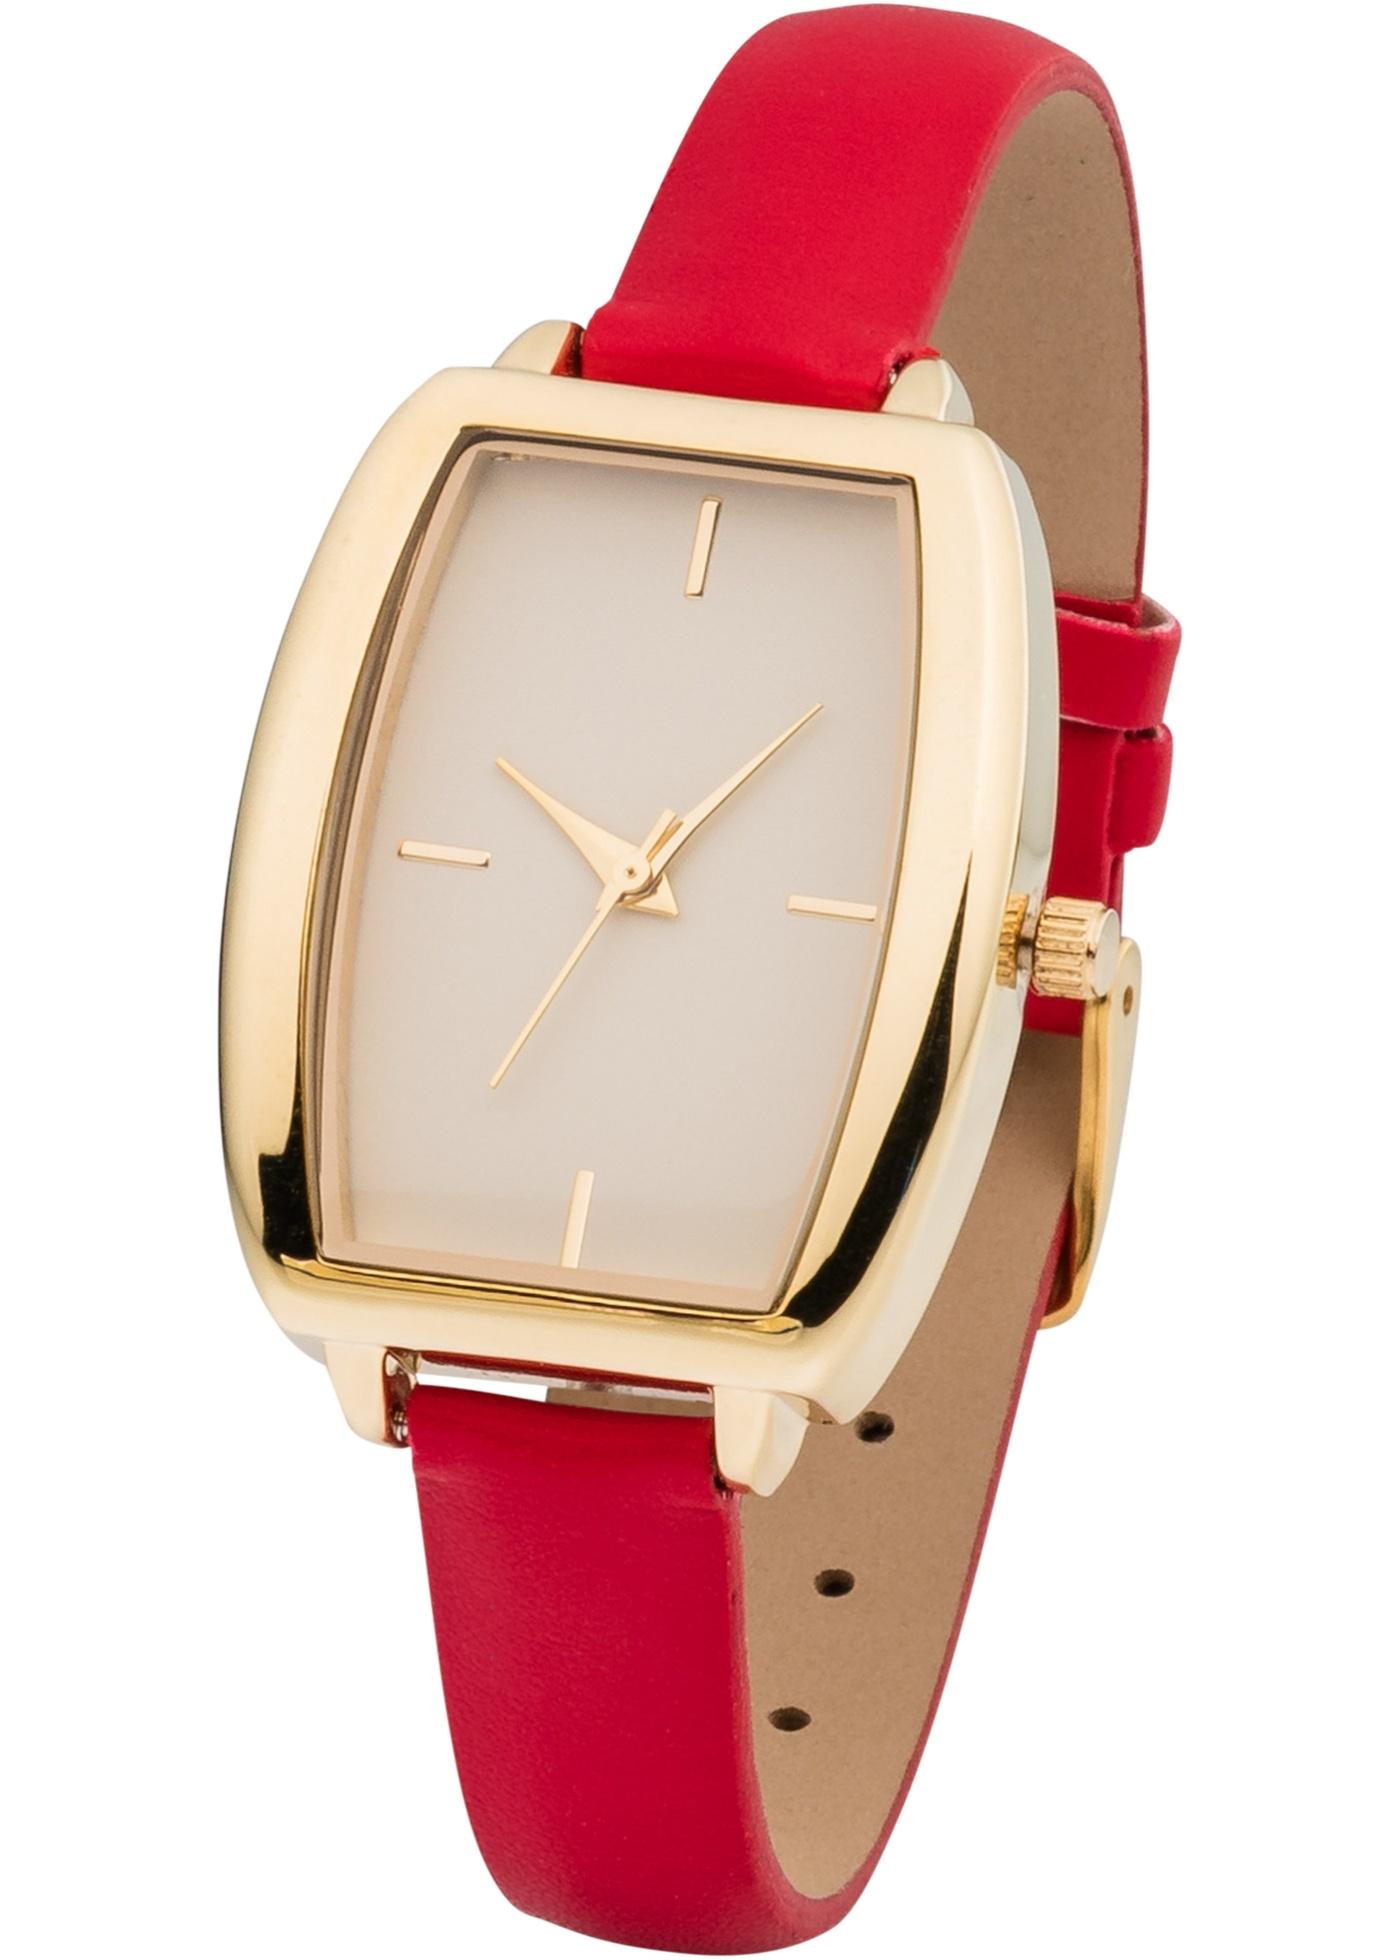 Une montre-bracelet sobre qui peut se porter en de nombreuses et différentes occasions. Dim. : largeur env. 2,8 cm ; longueur : env. 3,5 cm ; largeur bracelet : env. 1,2 cm. Prix comprenant éco-participation (F)=0,01€ ou recupel (B) =0,05€.